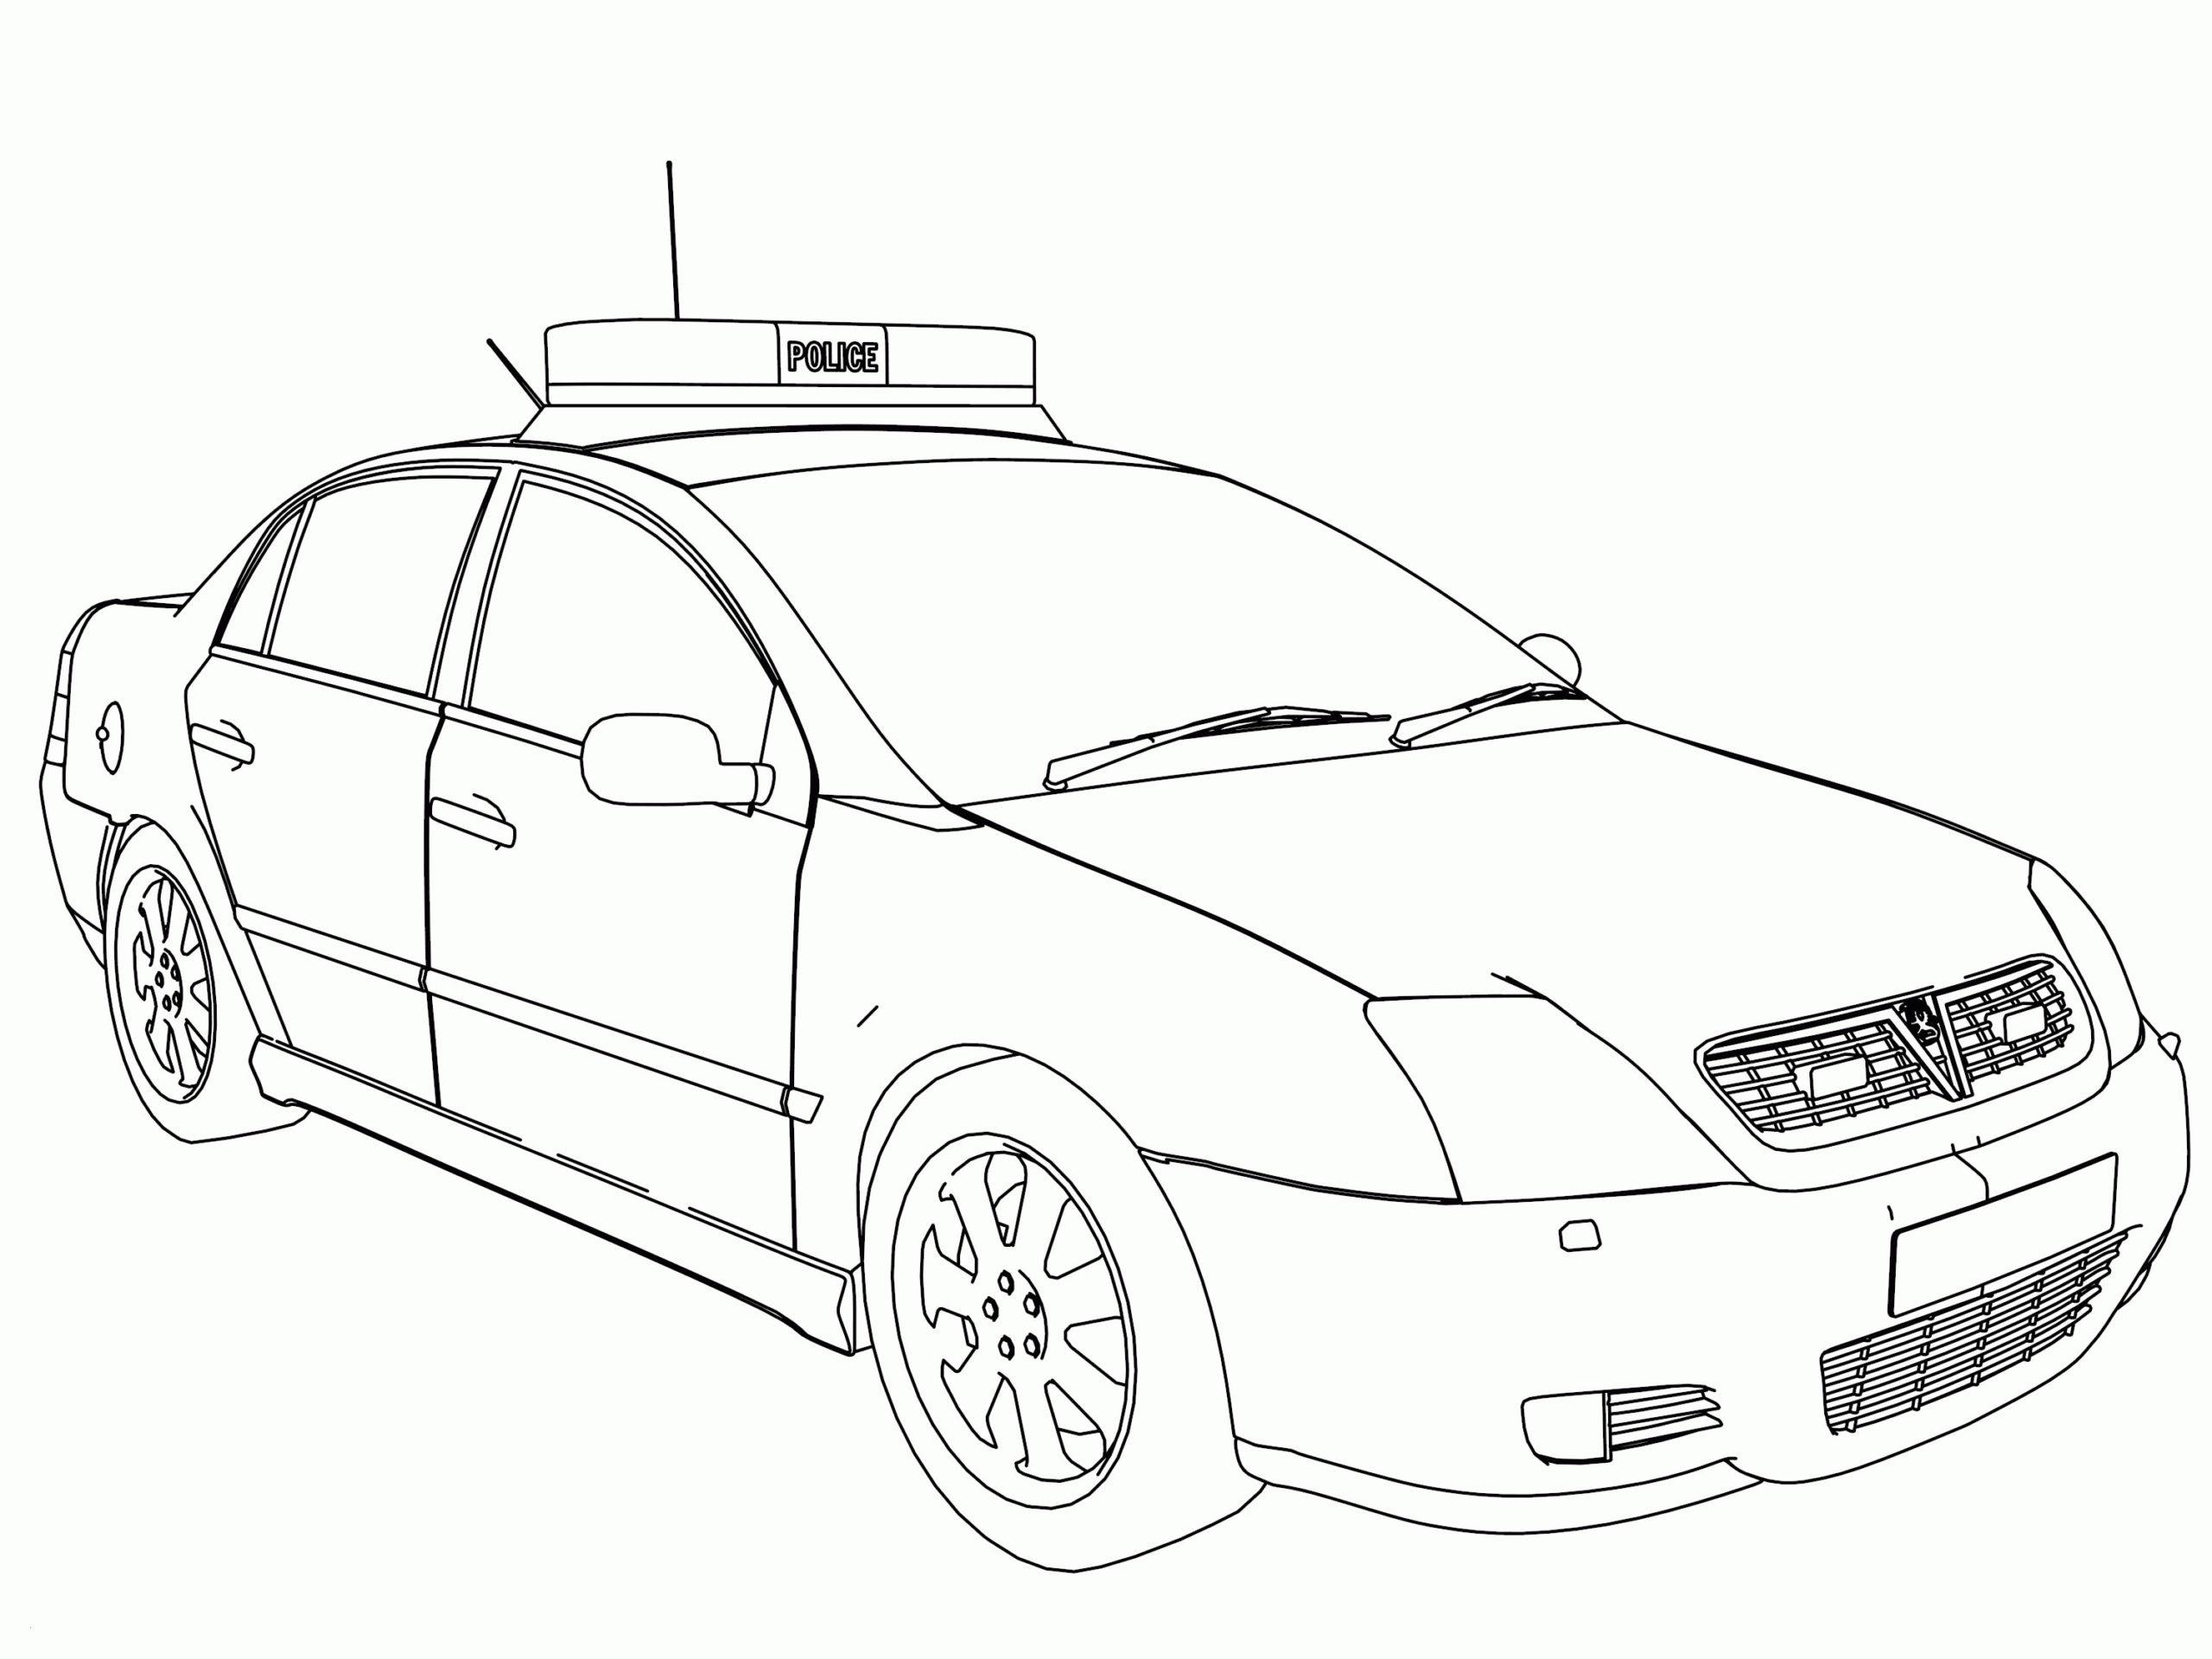 imprimer coloriage voiture de police de la catégorie coloriage voiture